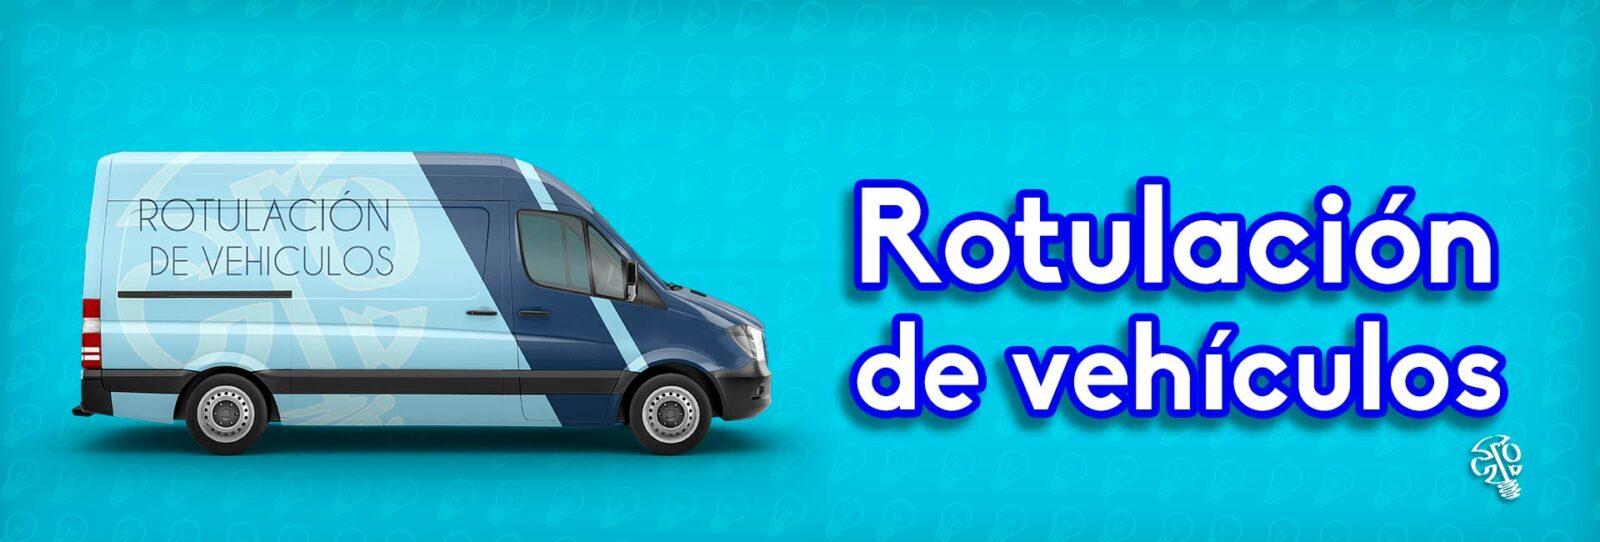 b_12_Rotulacion_Vehiculos